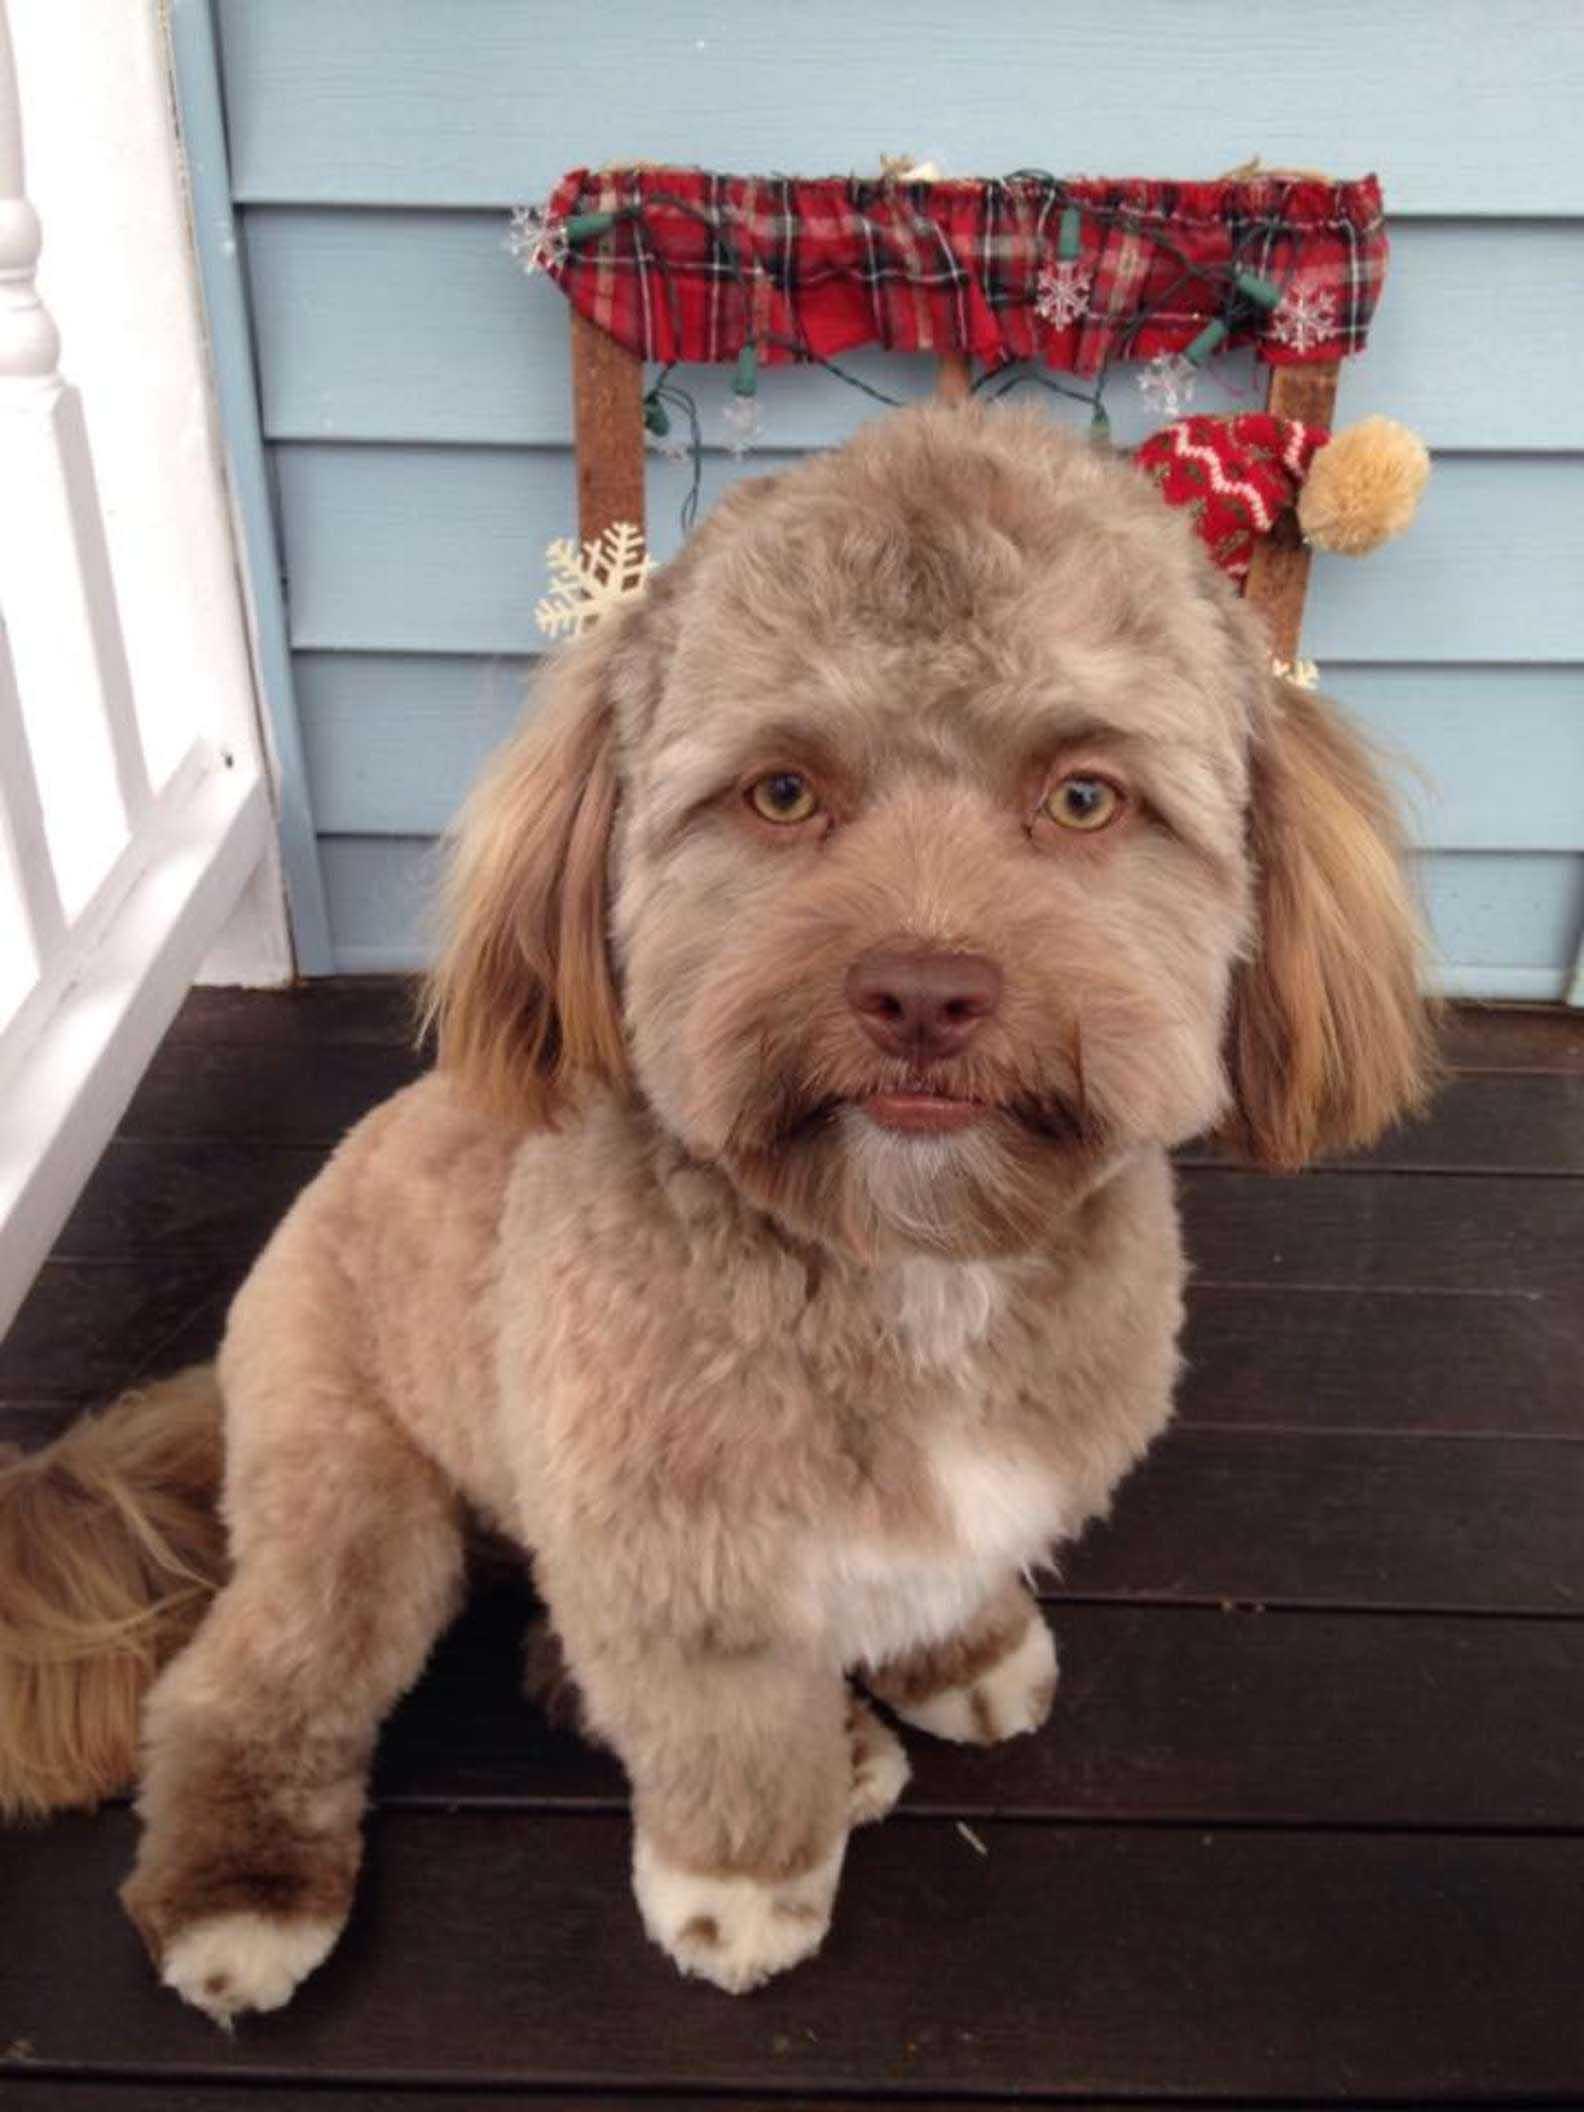 Cachorro com estranho rosto humano assustador